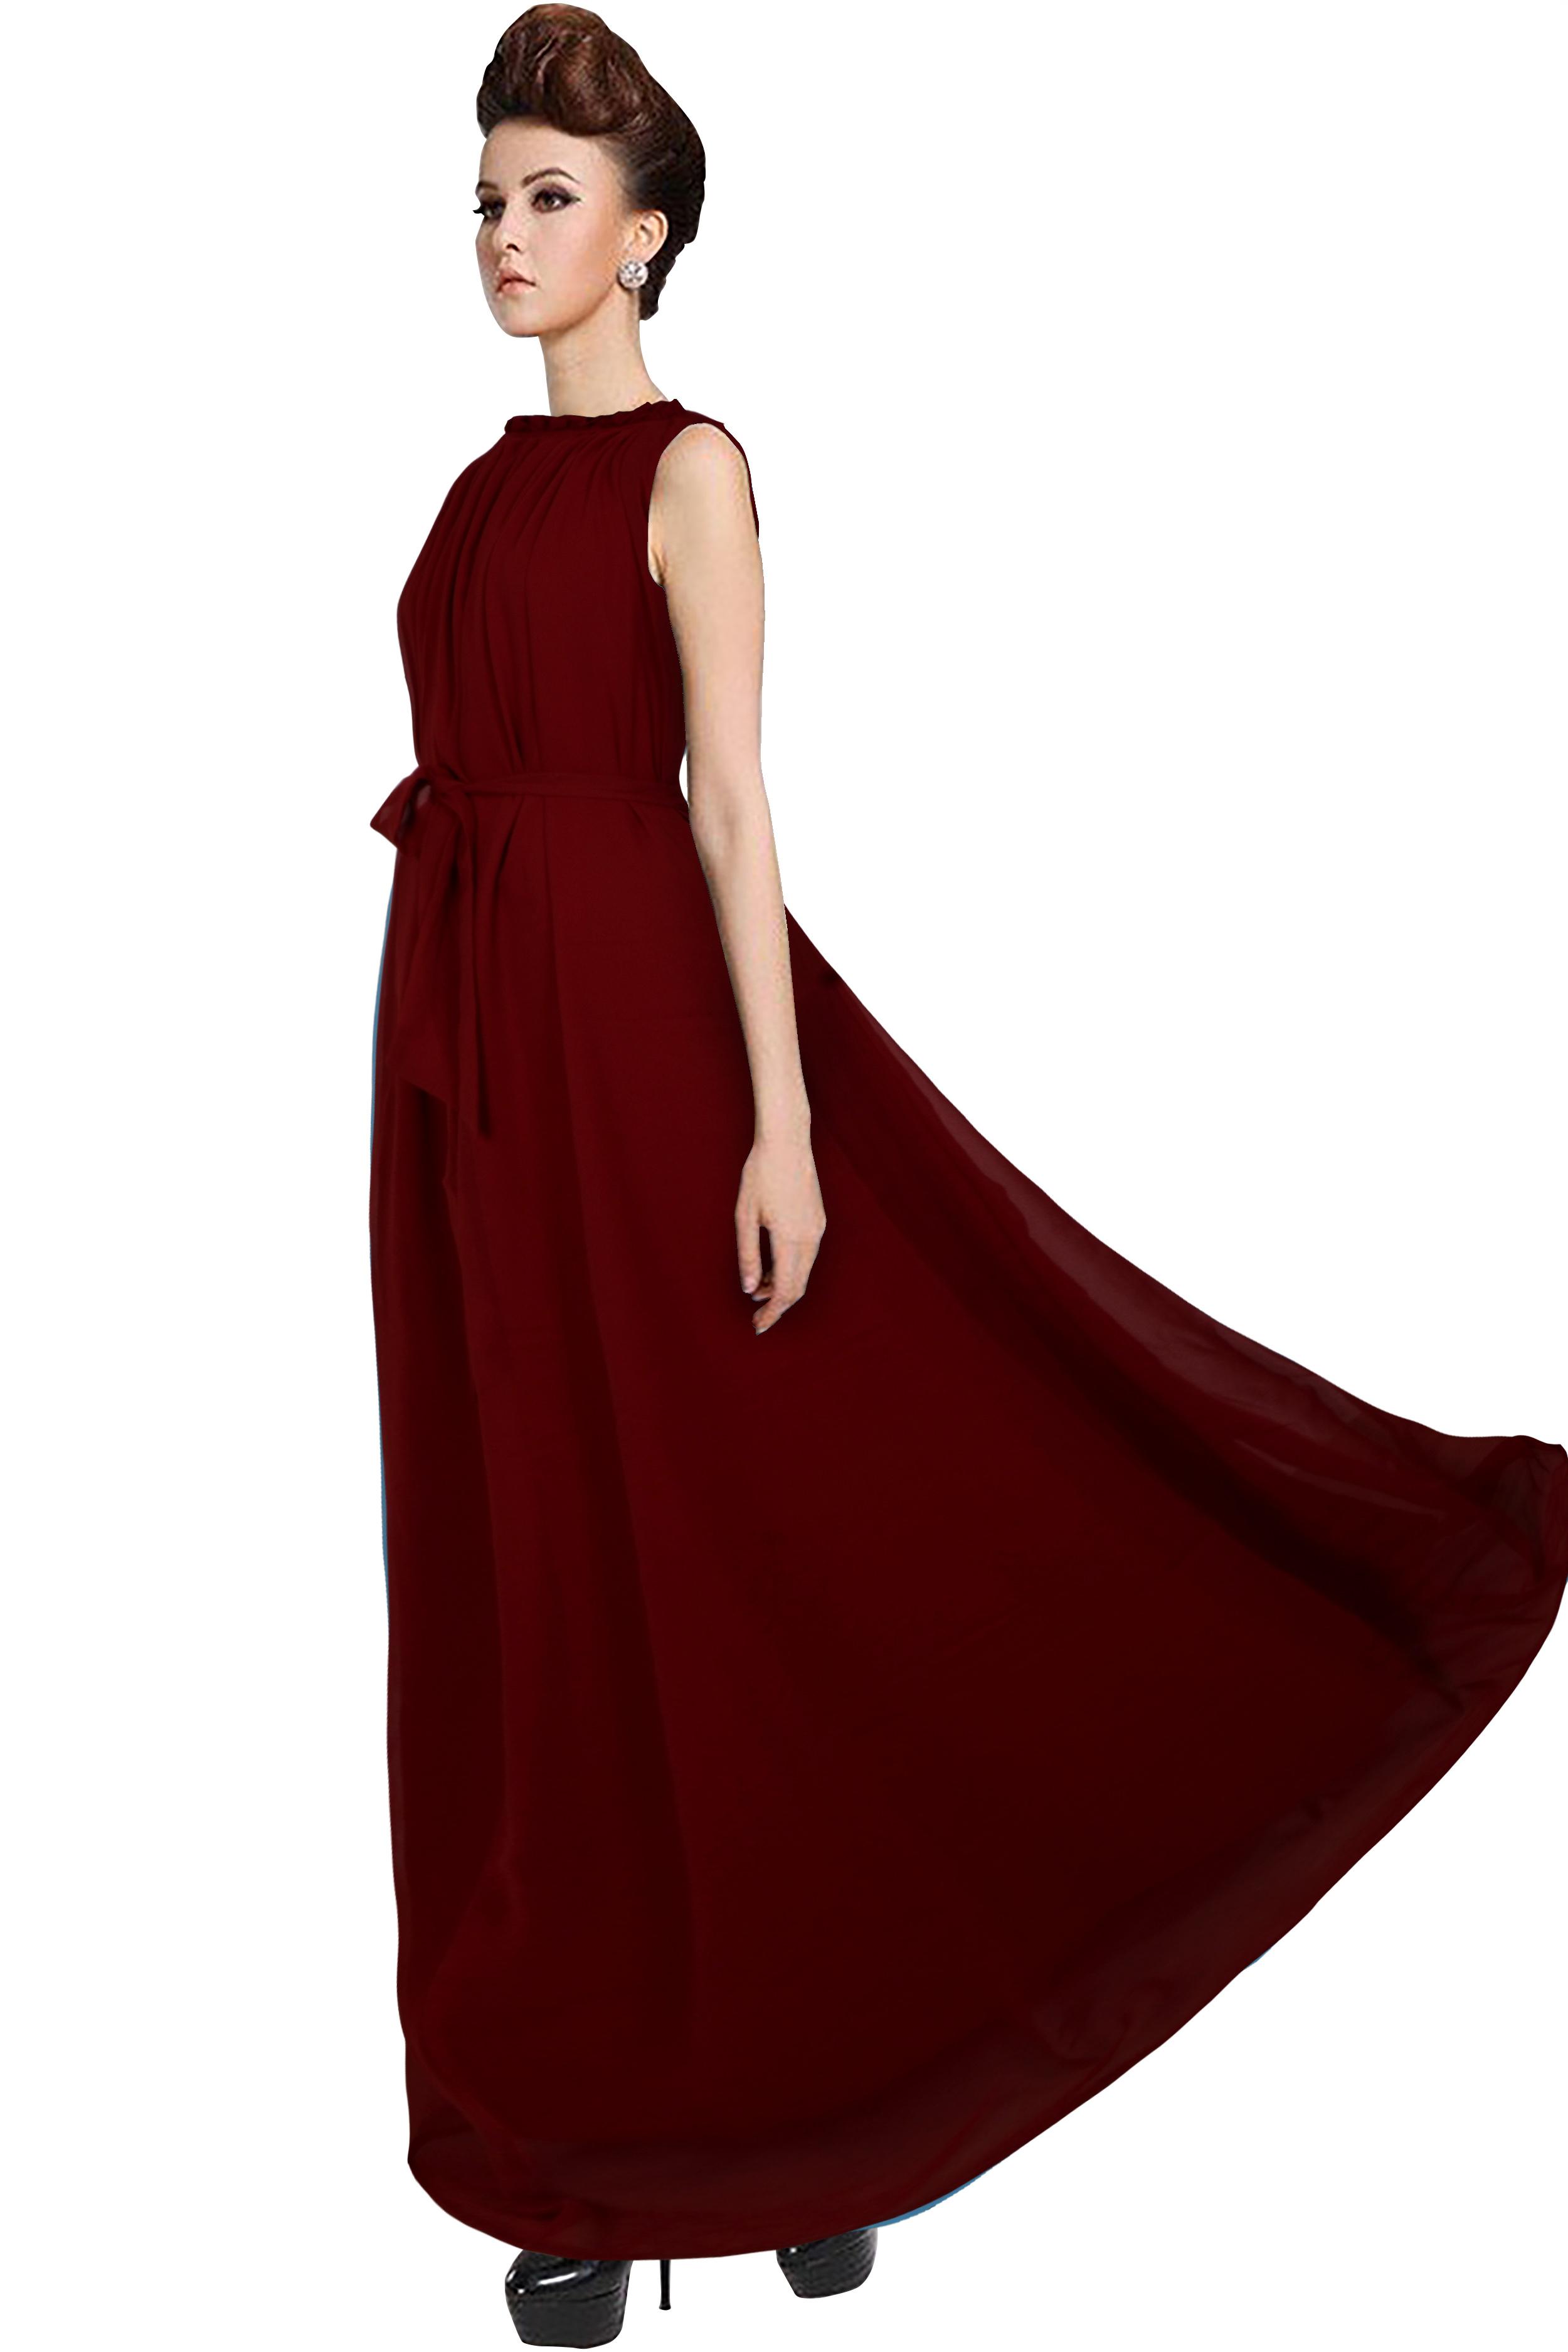 435720d0d73 Ladies Party Wear Gown Manufacturer